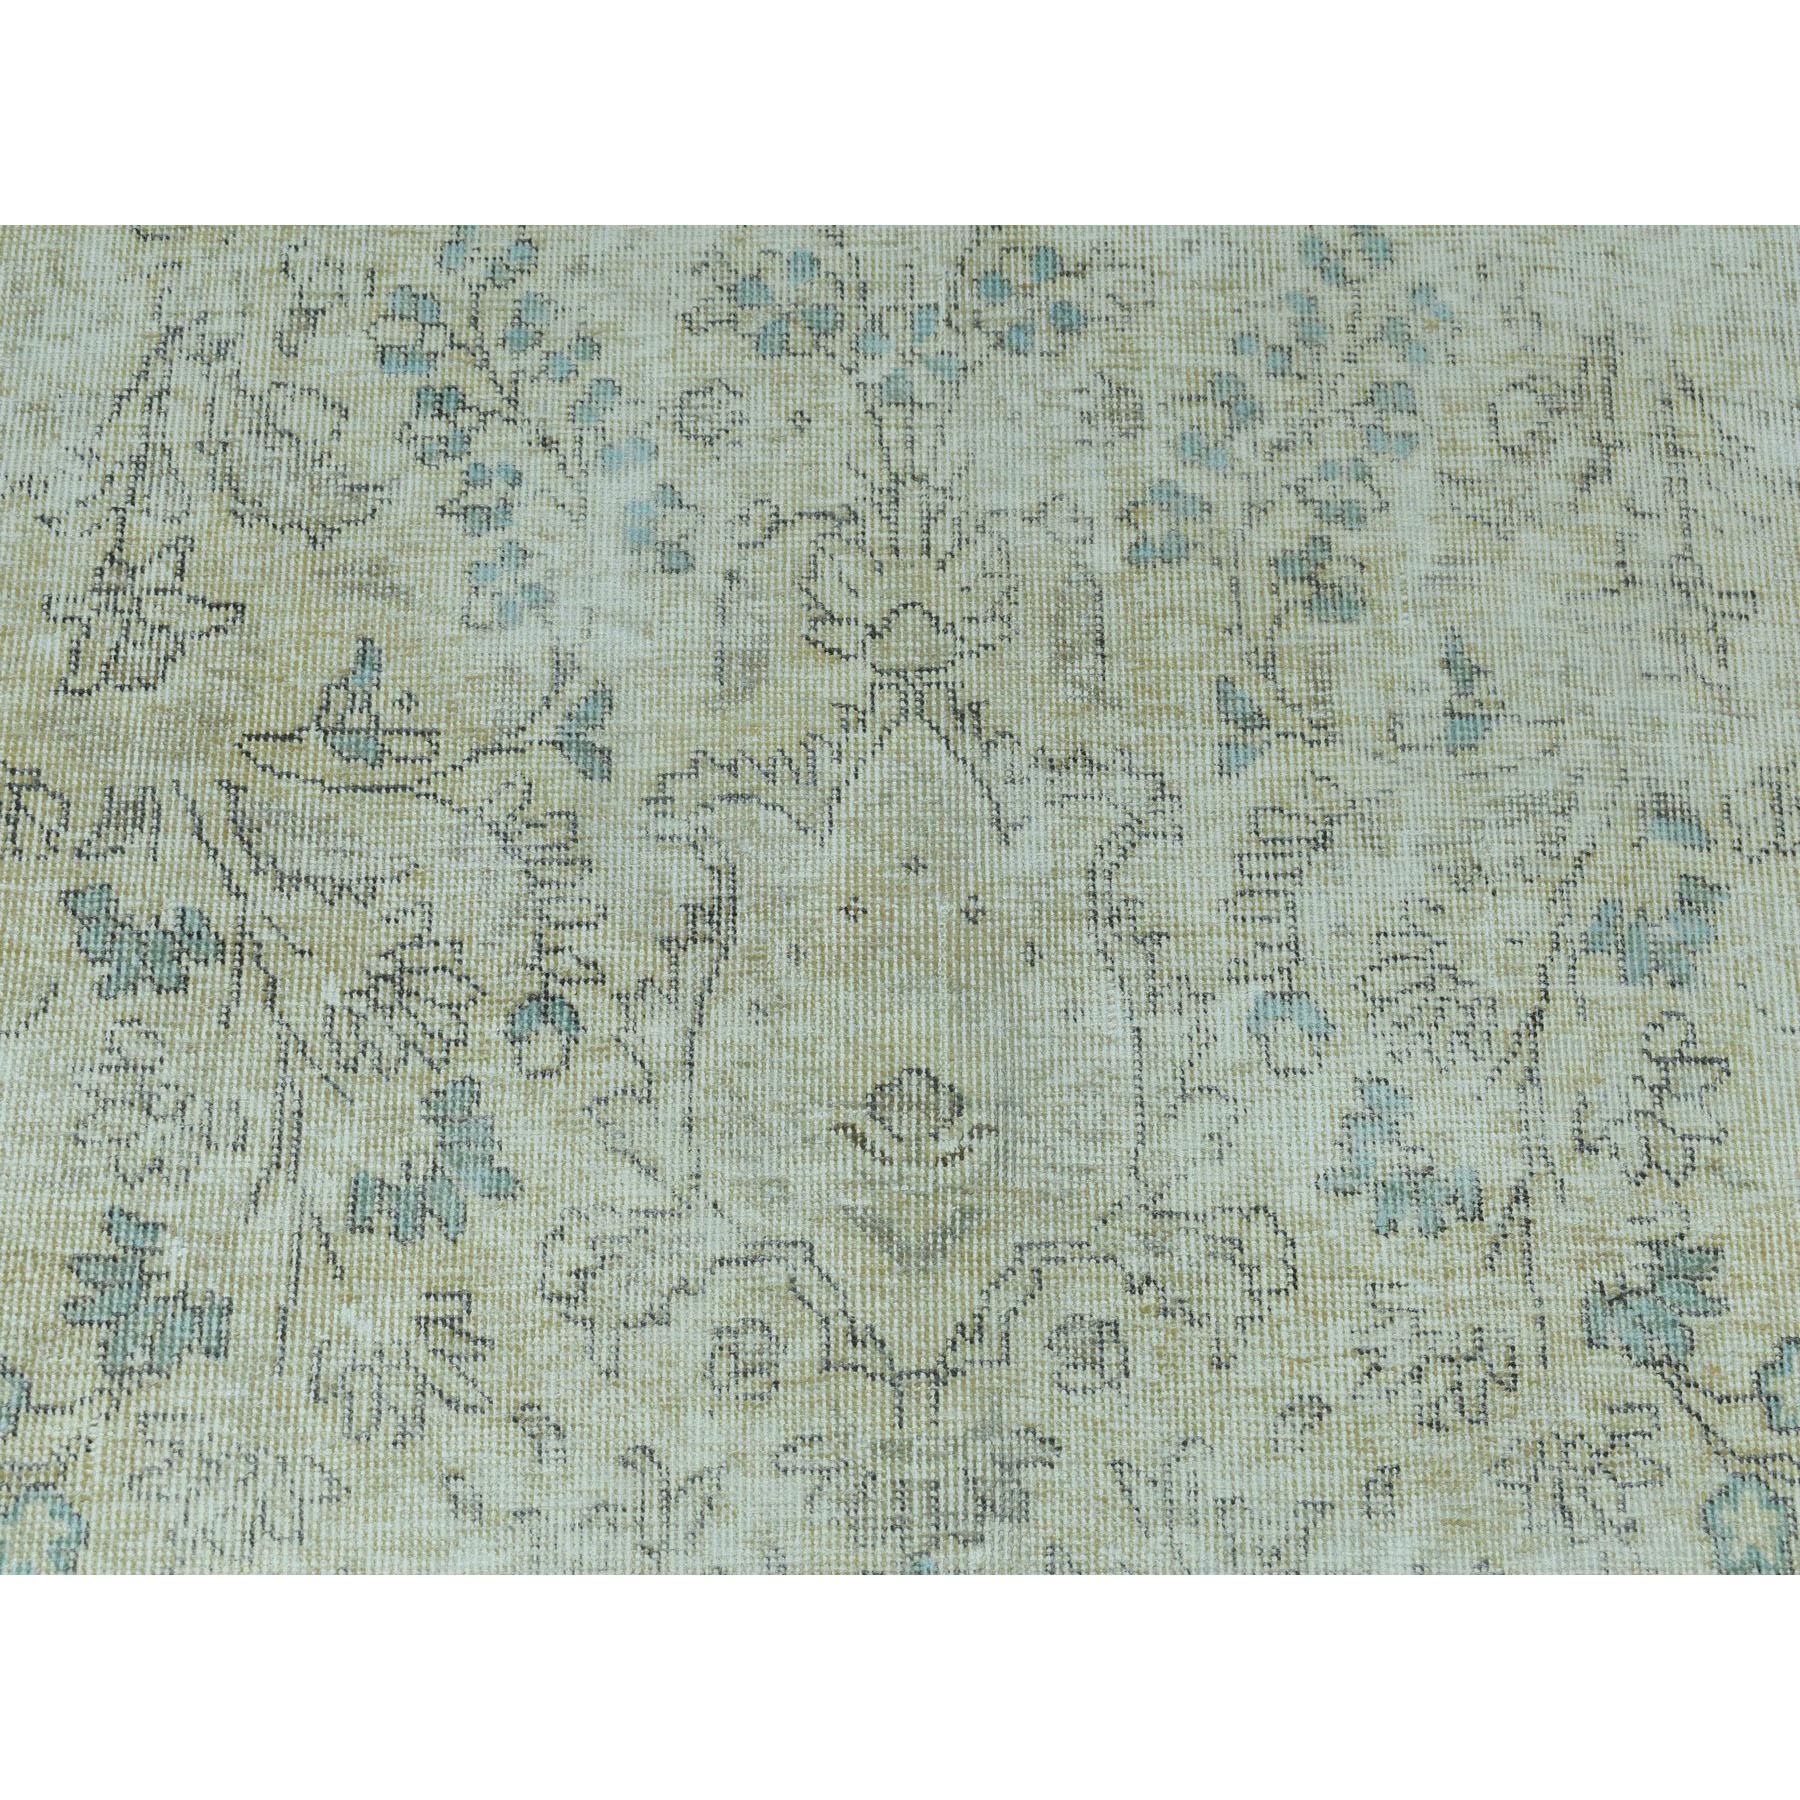 9-4 x12-9  Vintage White Wash Tabriz Worn Wool Hand-Knotted Oriental Rug